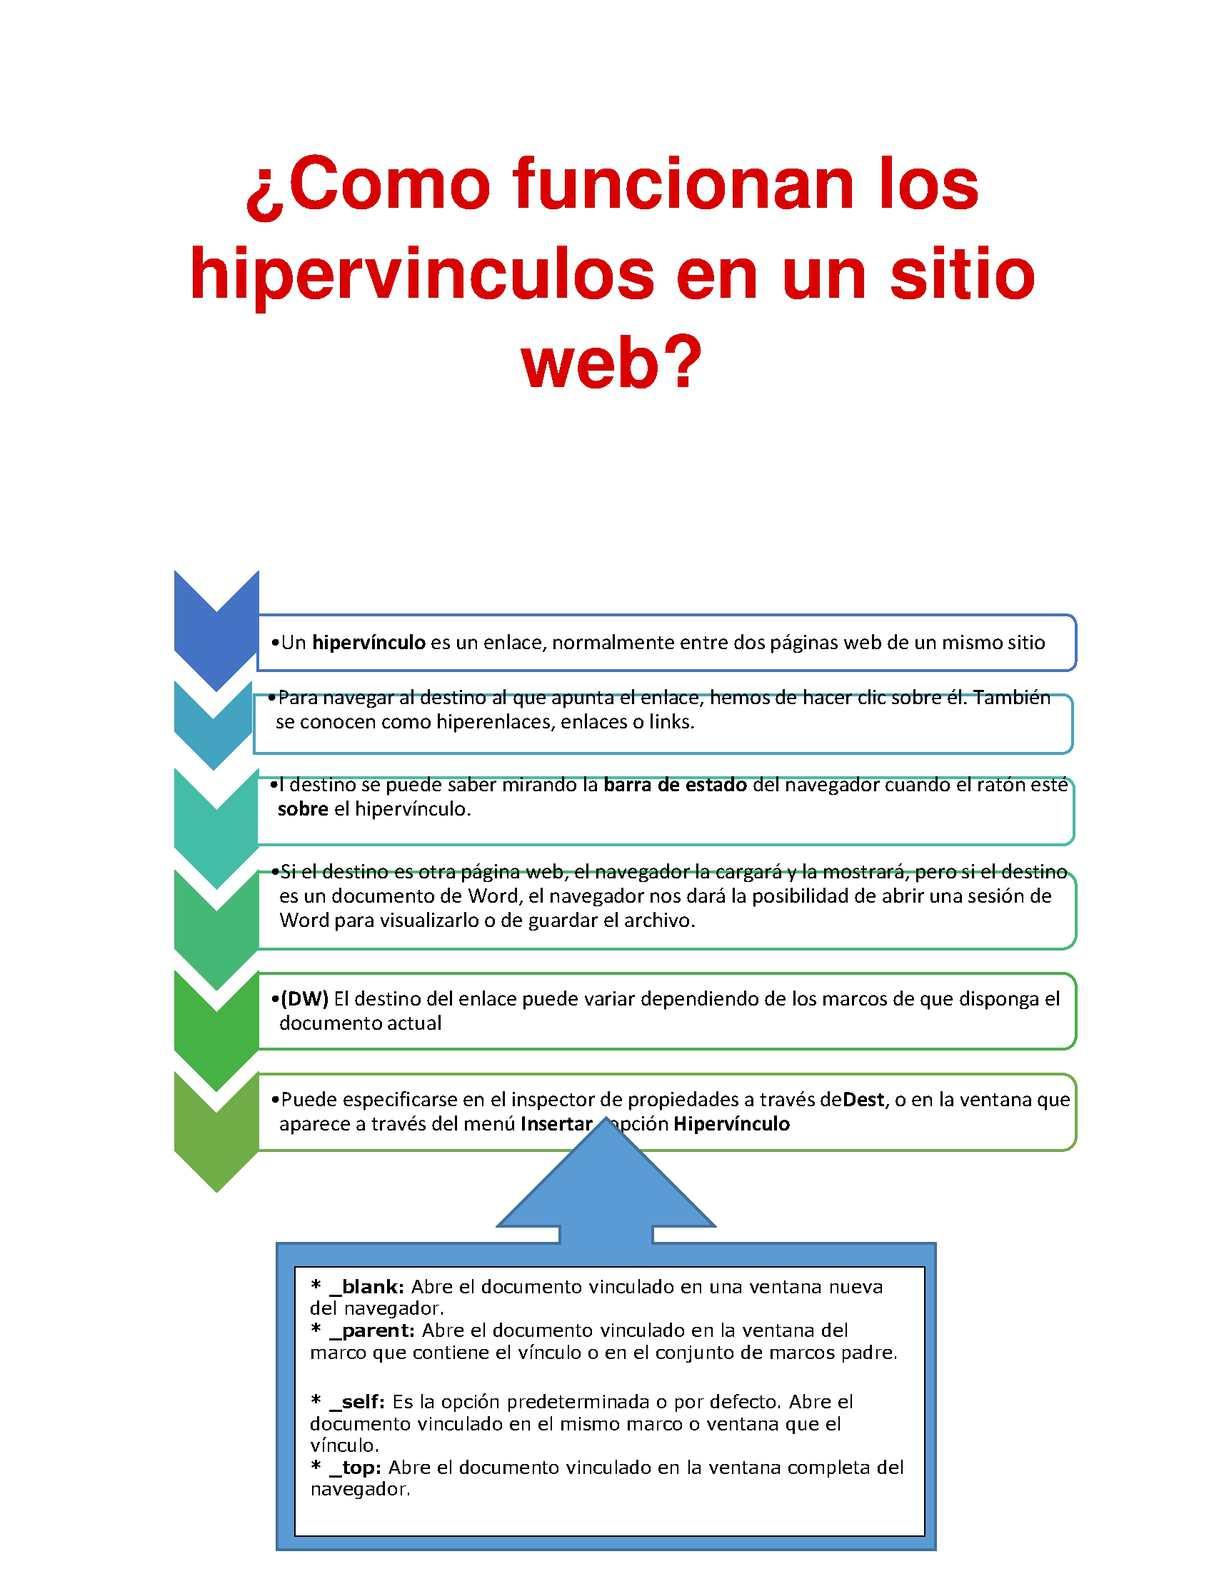 Calaméo - Como funcionan los hipervinculos en un sitio web